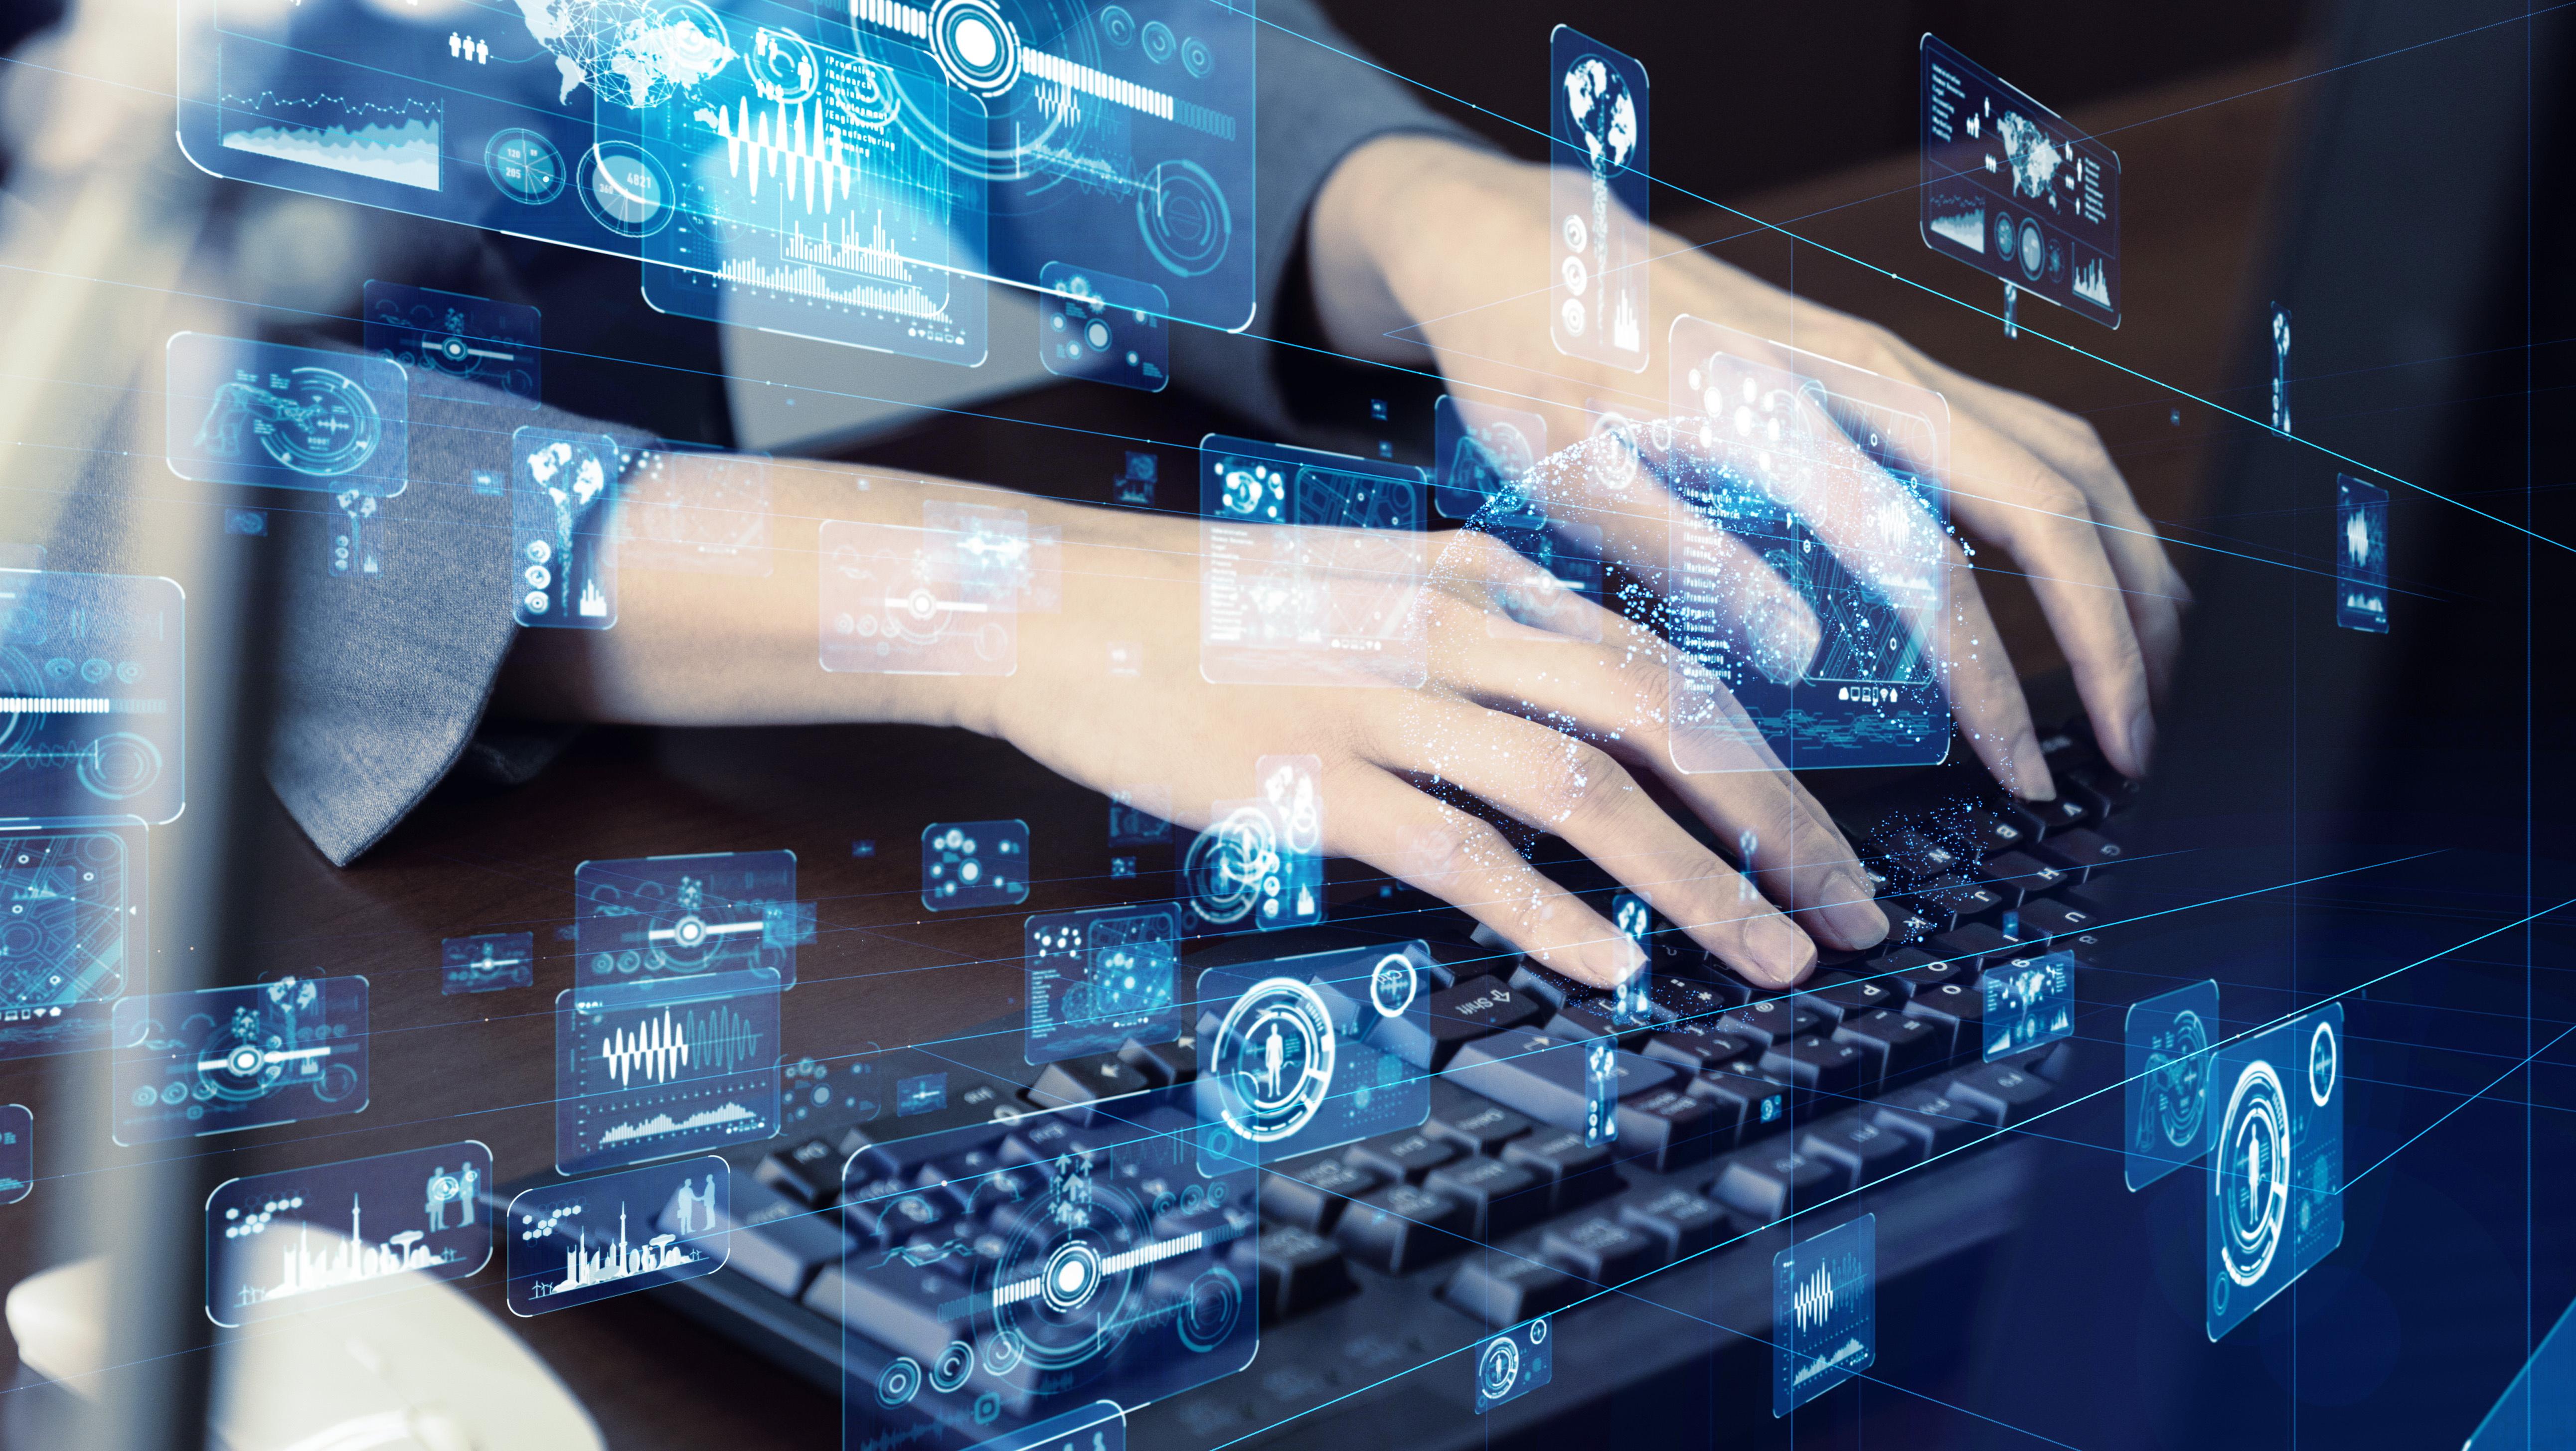 実績重視で依頼したい!DX(デジタルトランスフォーメーション)の相談ができる経験豊富な会社5選!